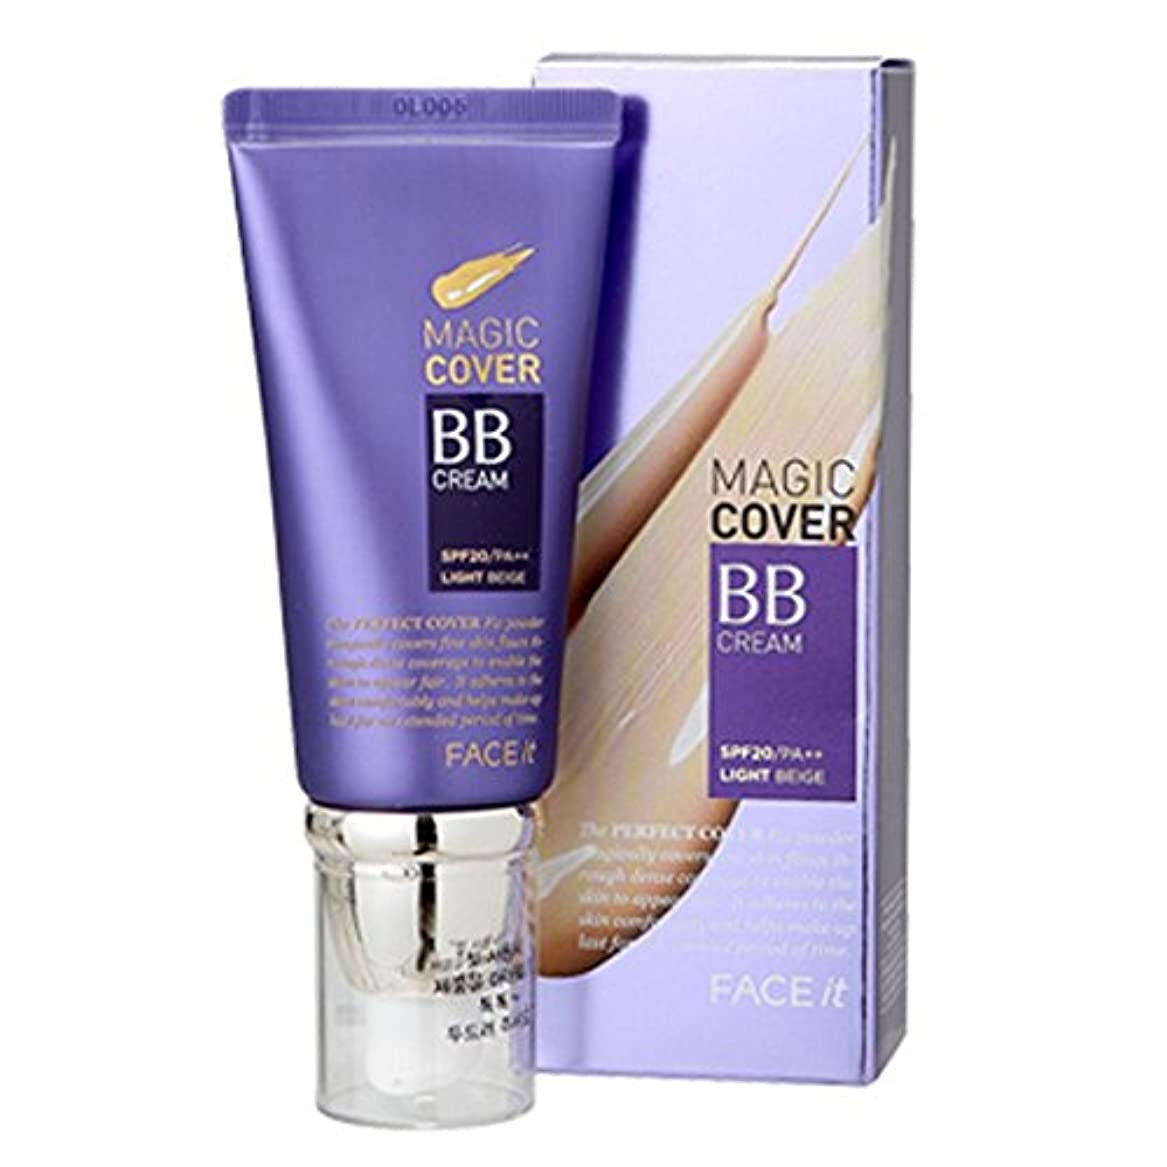 暴力憂慮すべきブランクザフェイスショップ The Face Shop Face It Magic Cover BB Cream 45ml (02 Natural Beige)